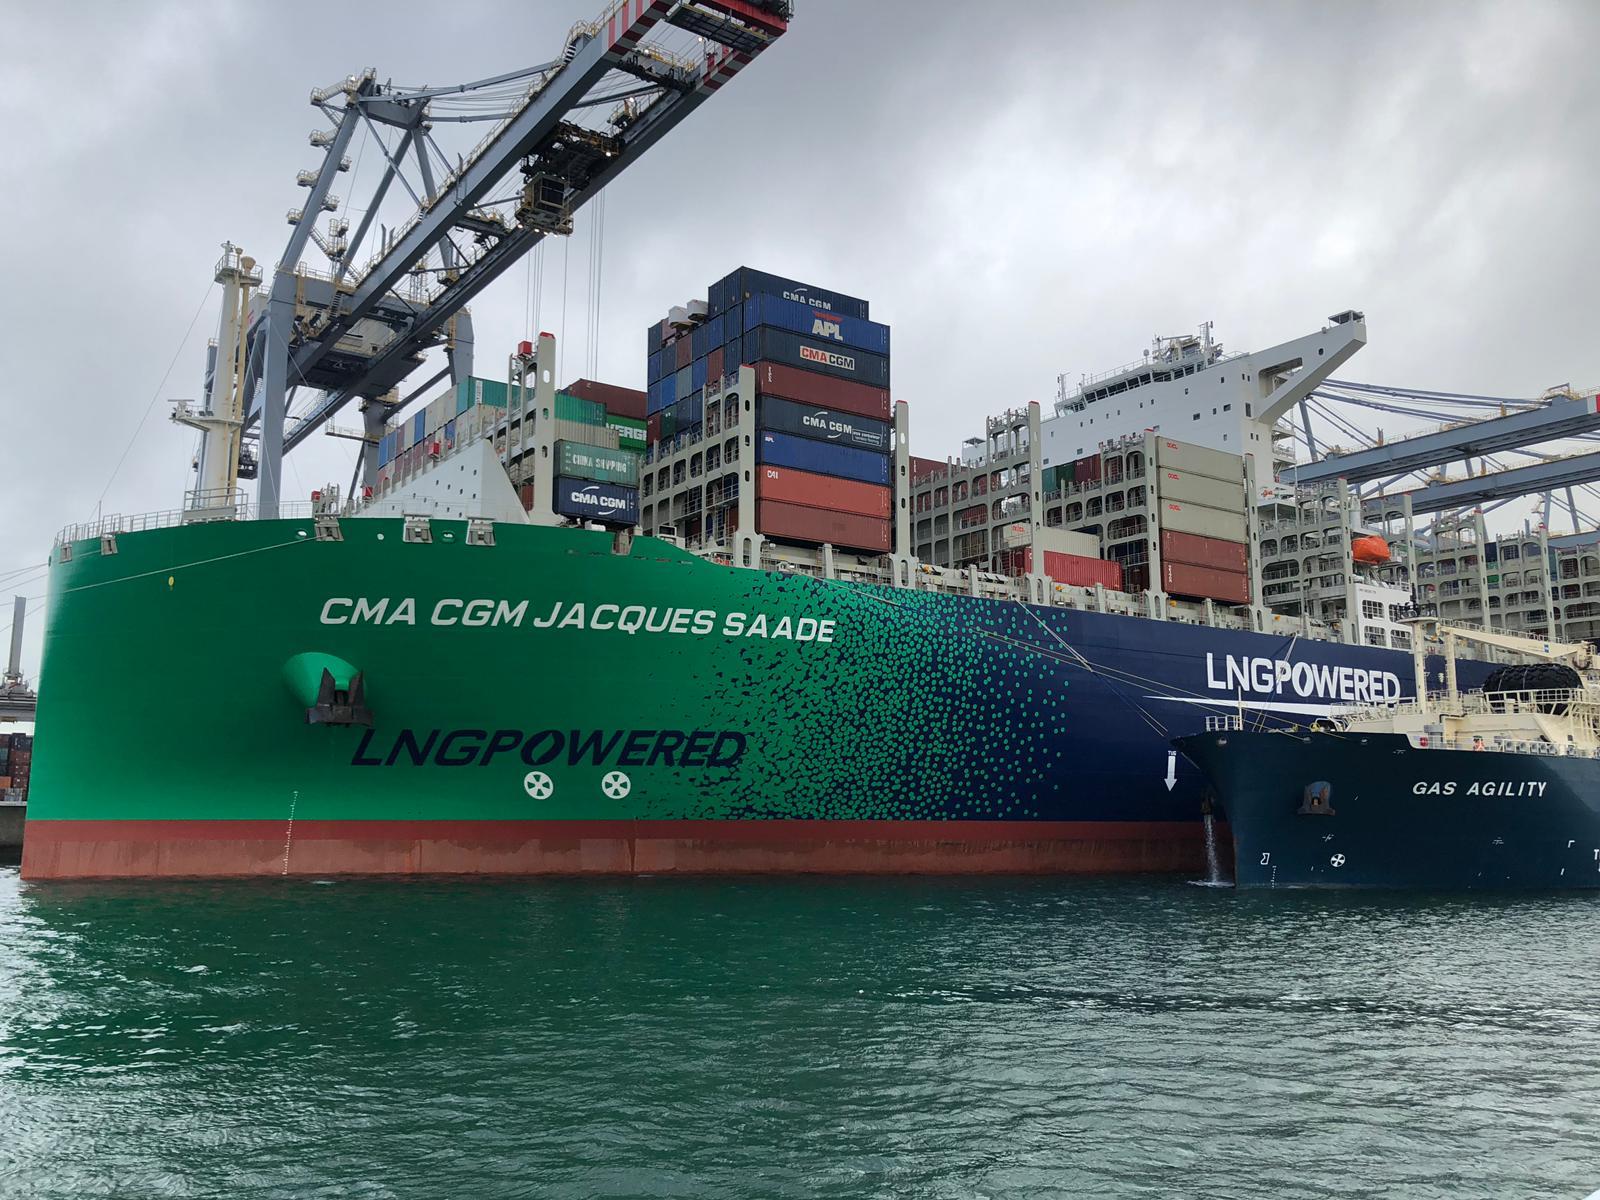 De CMA CGM Jacques Saade is een megacontainerschip wat op LNG vaart. (Foto Afifah Rasoelbaks)